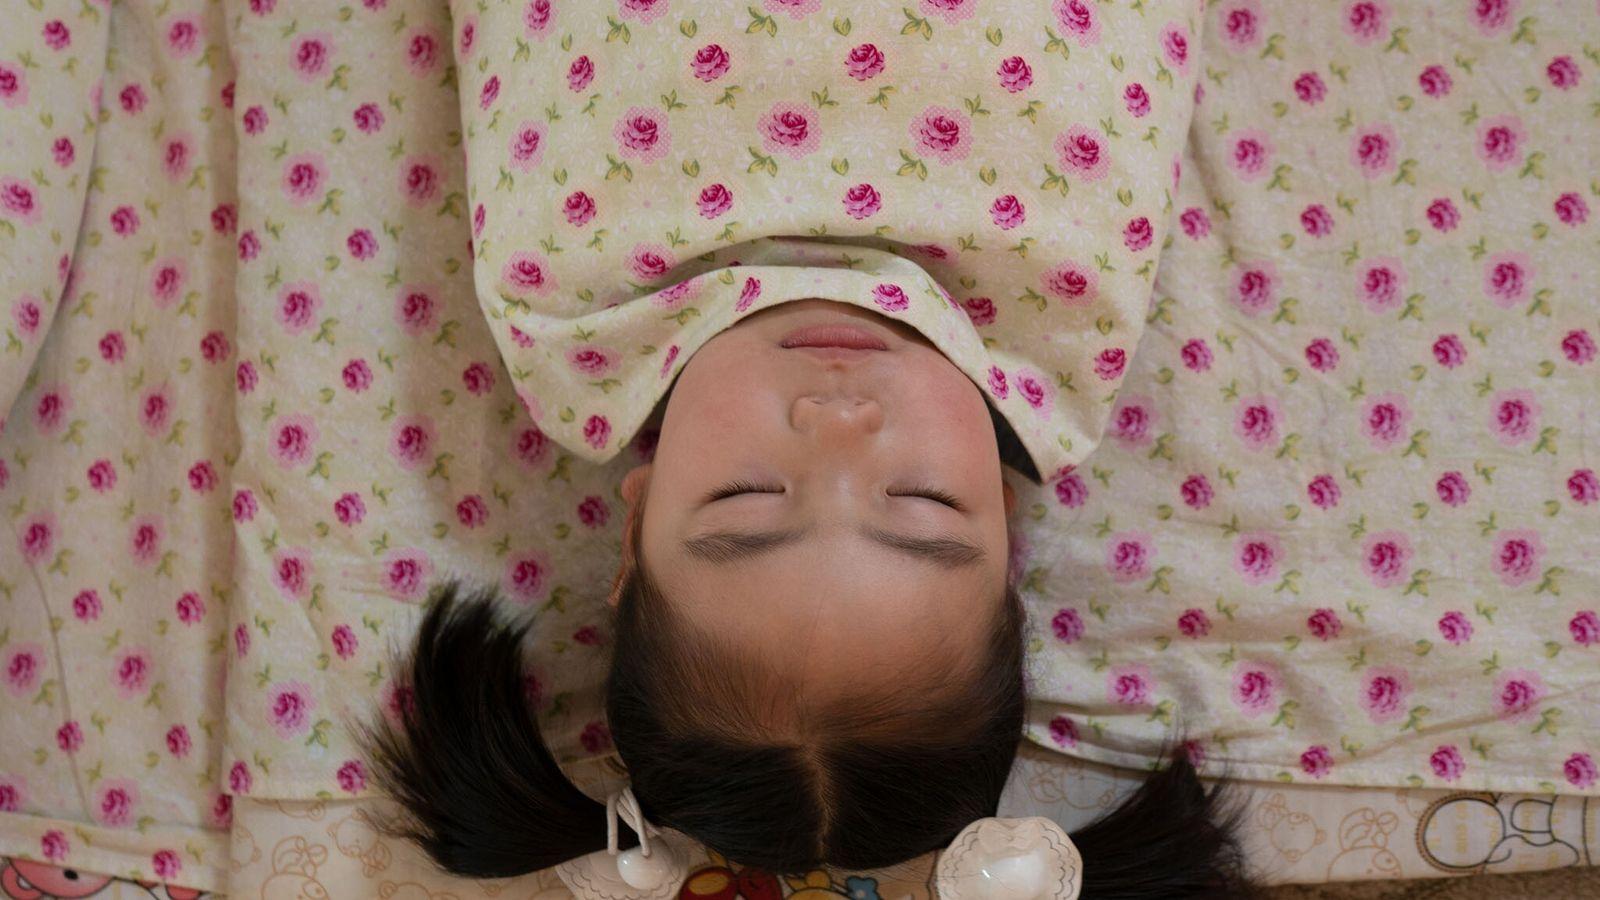 Une enfant emmaillotée dort à Oulan-Bator, en Mongolie.